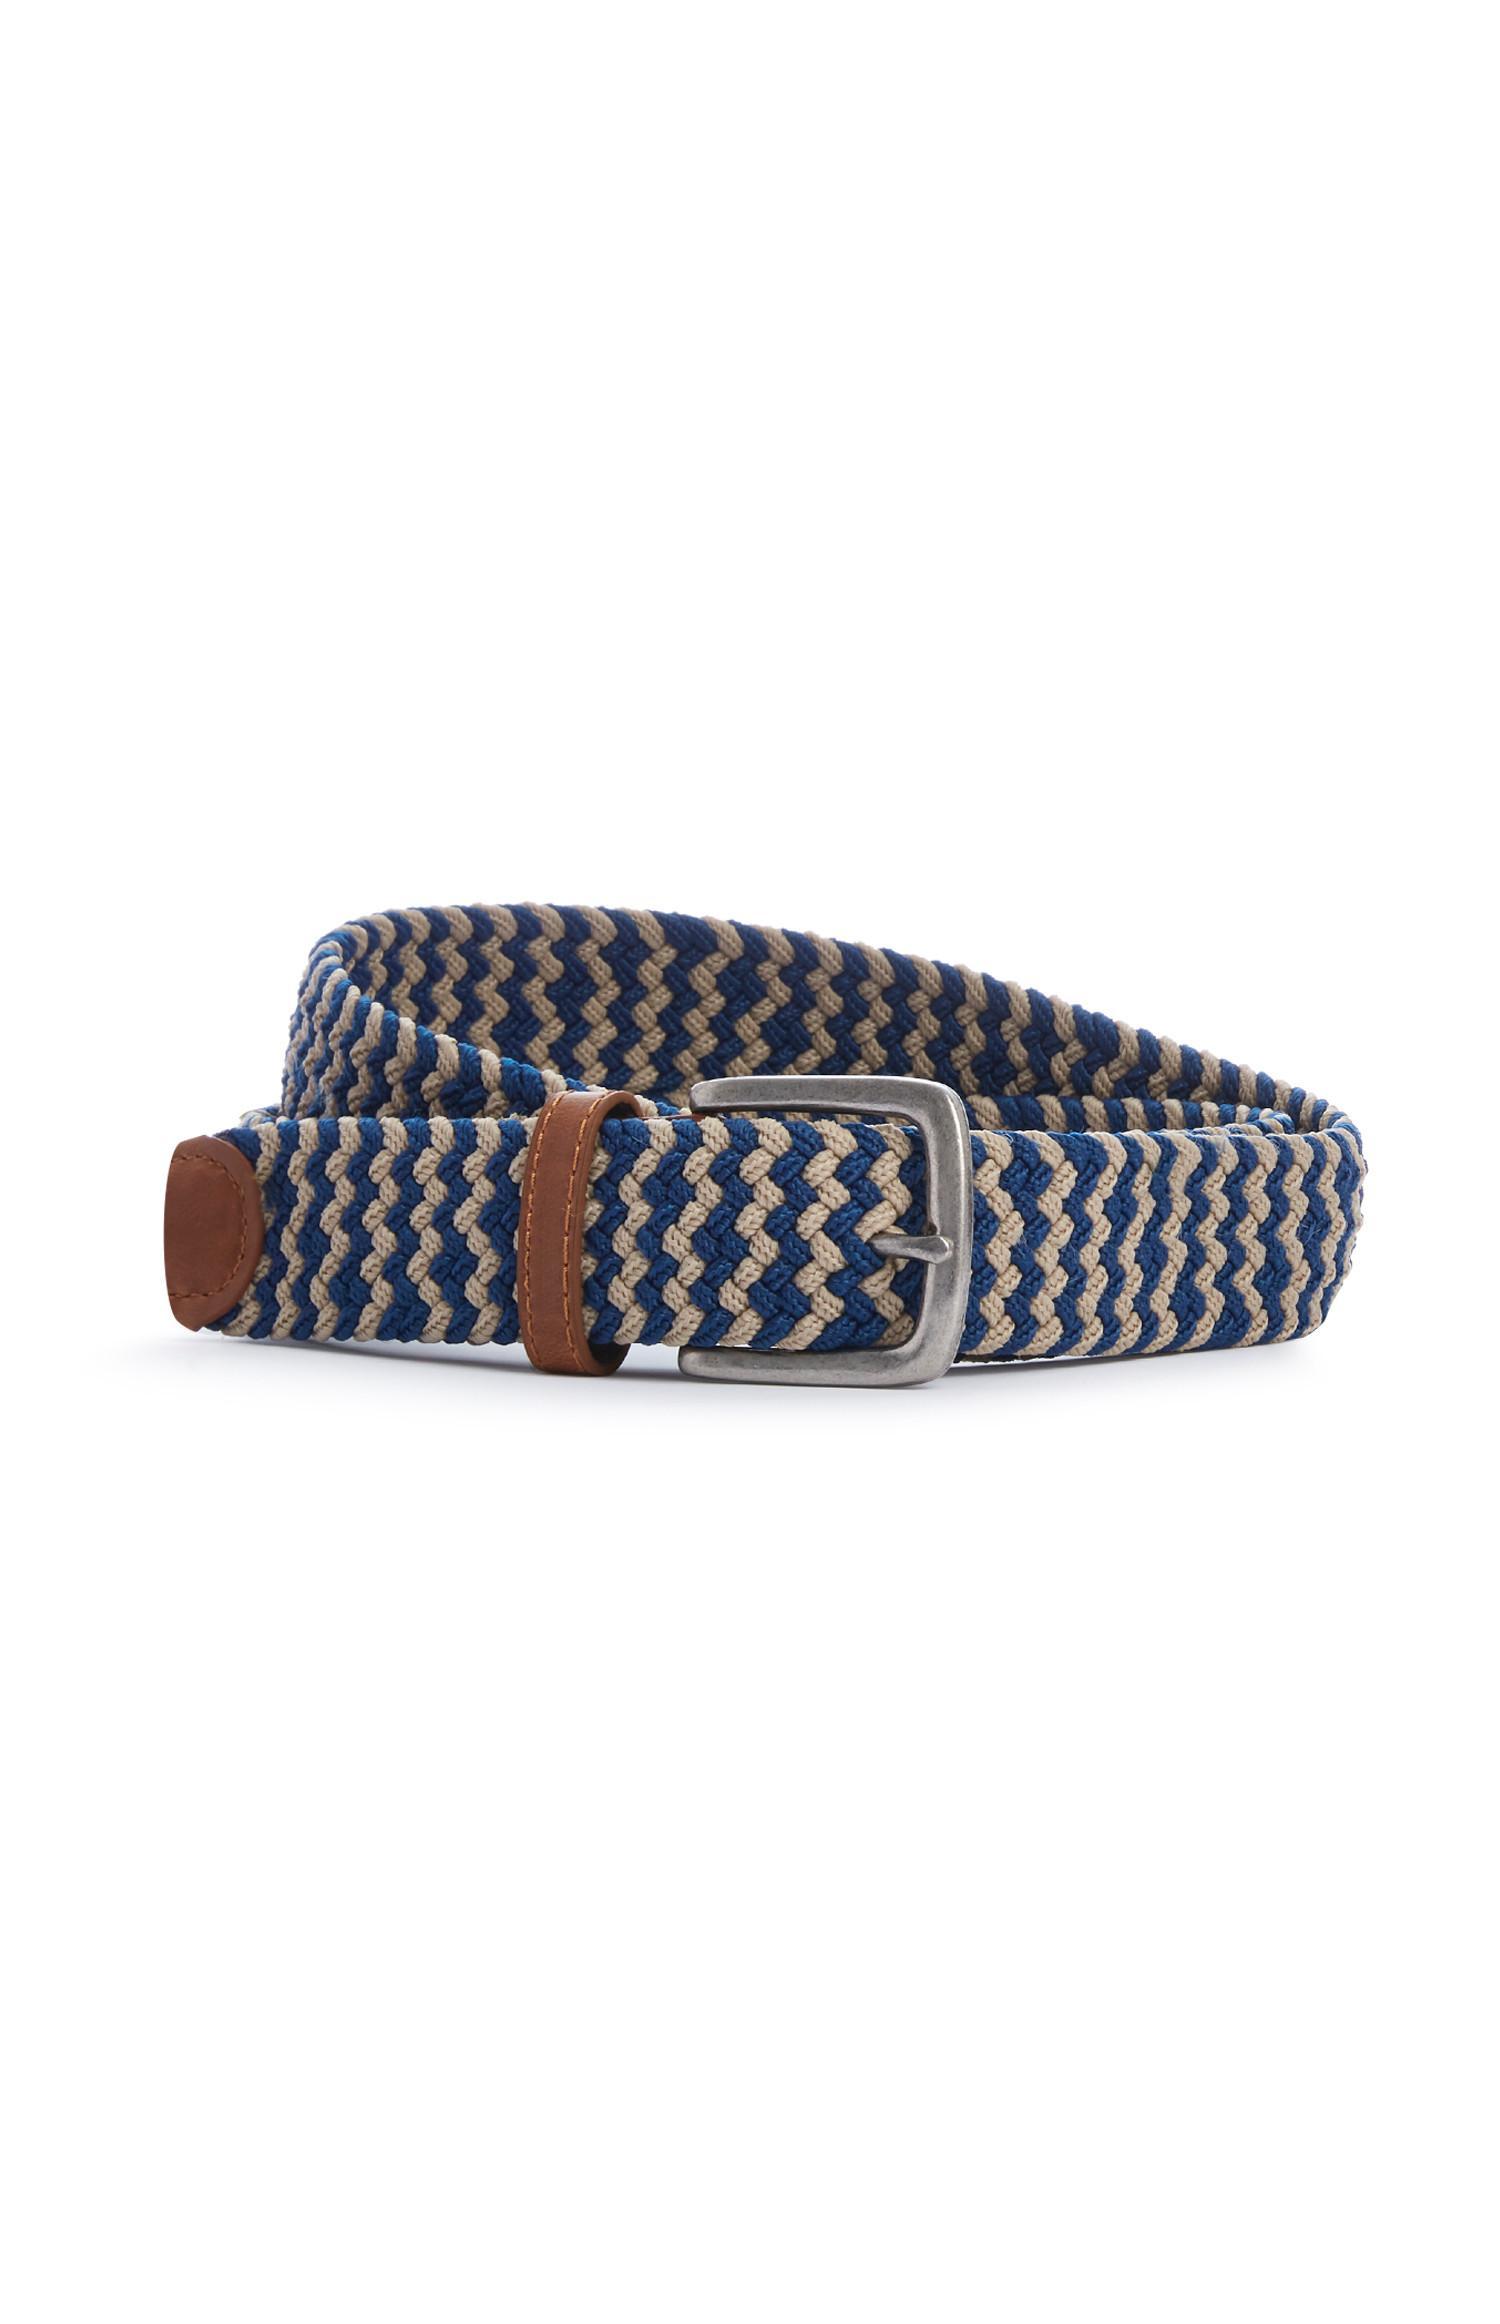 Cinturón de tela azul